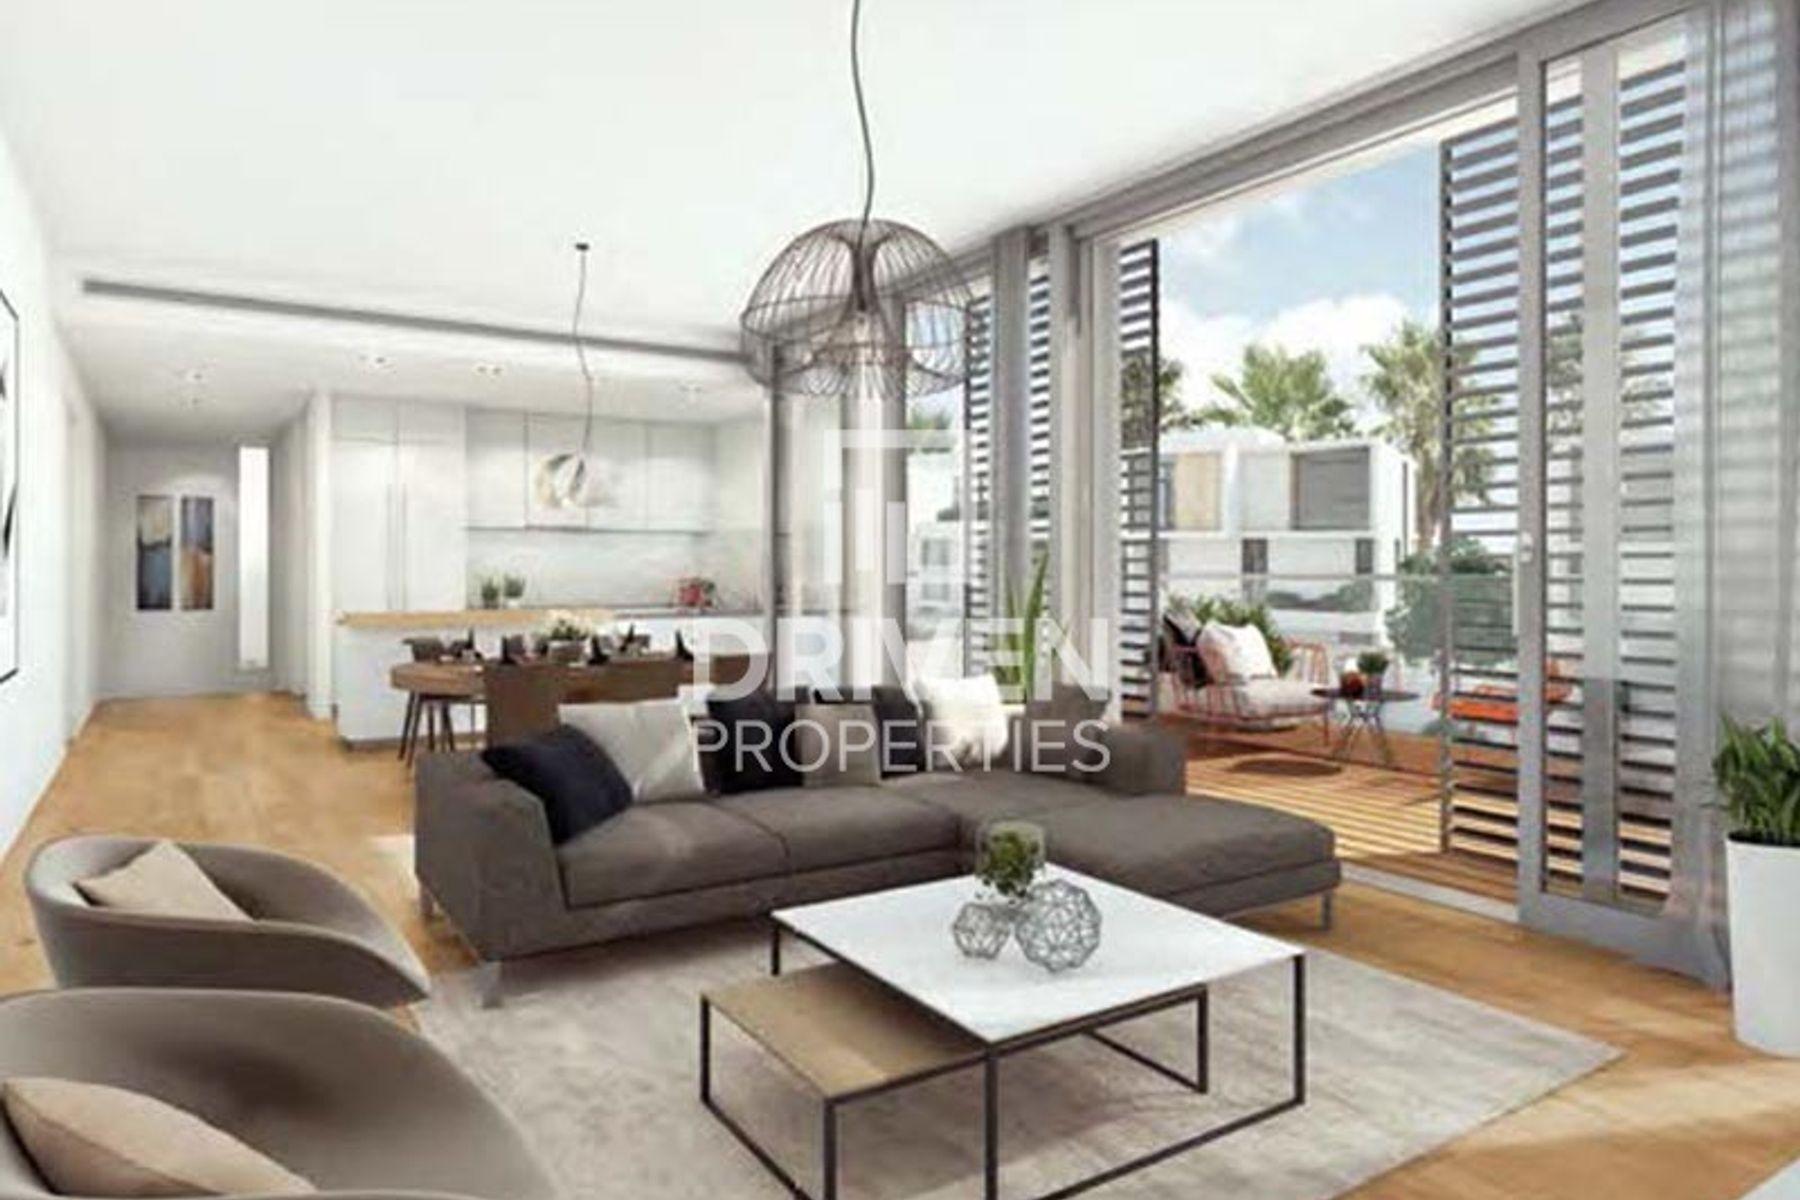 607 قدم مربع  شقة - للبيع - دبي الجنوب (مركز دبي العالمي)